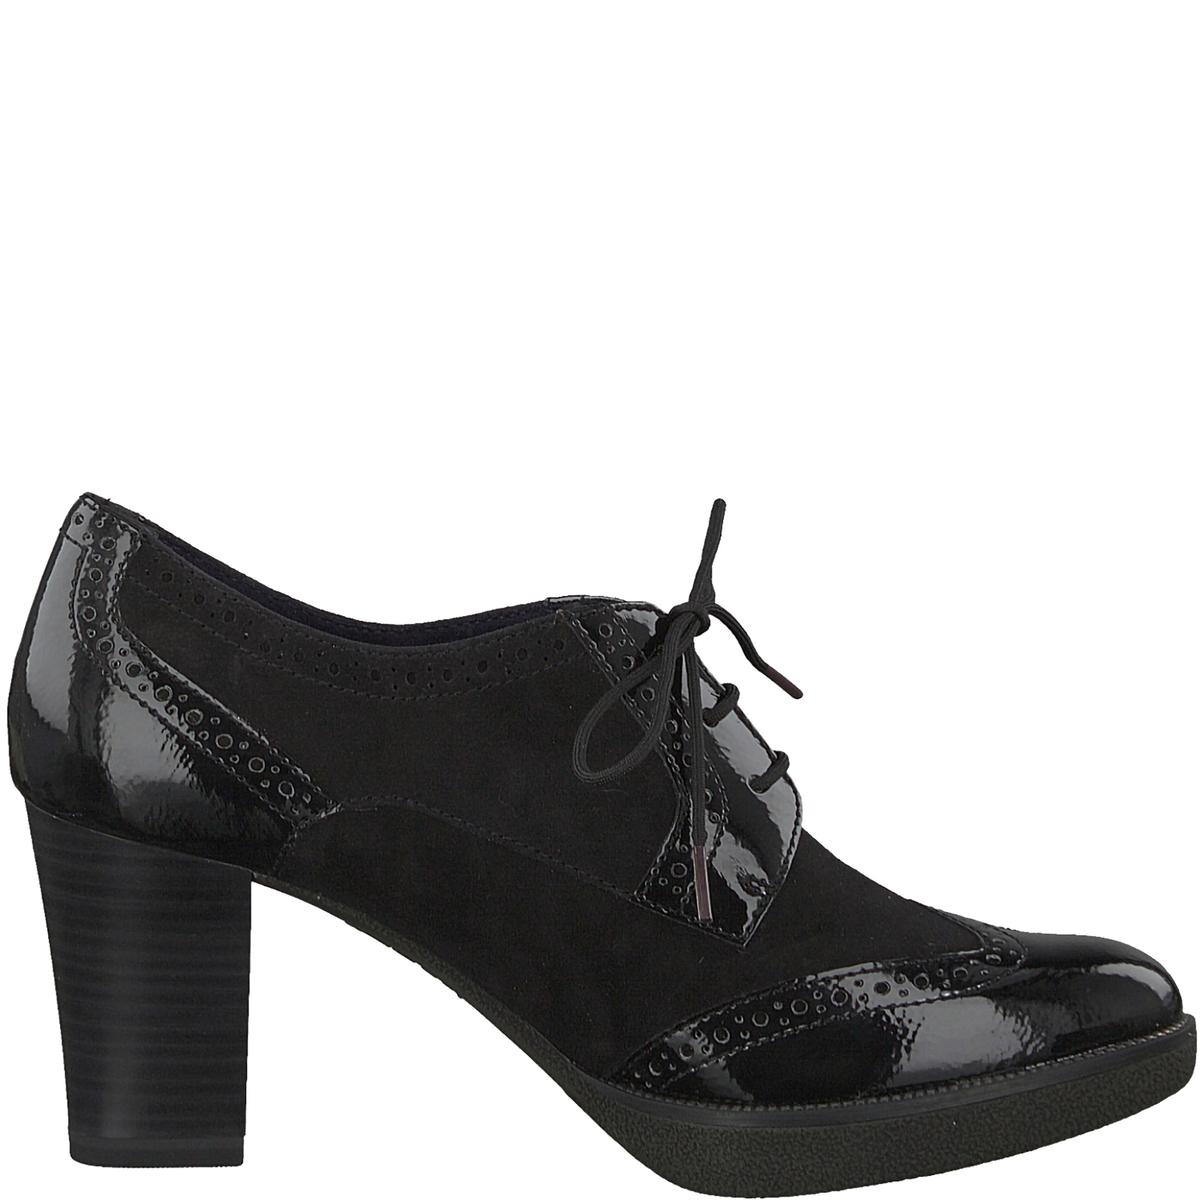 Ботинки-дерби кожаные FeeДетали •  Ботинки-дерби •  Высота каблука : 7,5 см •  Застежка : Шнуровка •  Круглый мысокСостав и уход •  Верх 50% козьей кожи, 50% синтетического материала •  Подкладка 50% кожи, 50% текстиля<br><br>Цвет: черный<br>Размер: 39